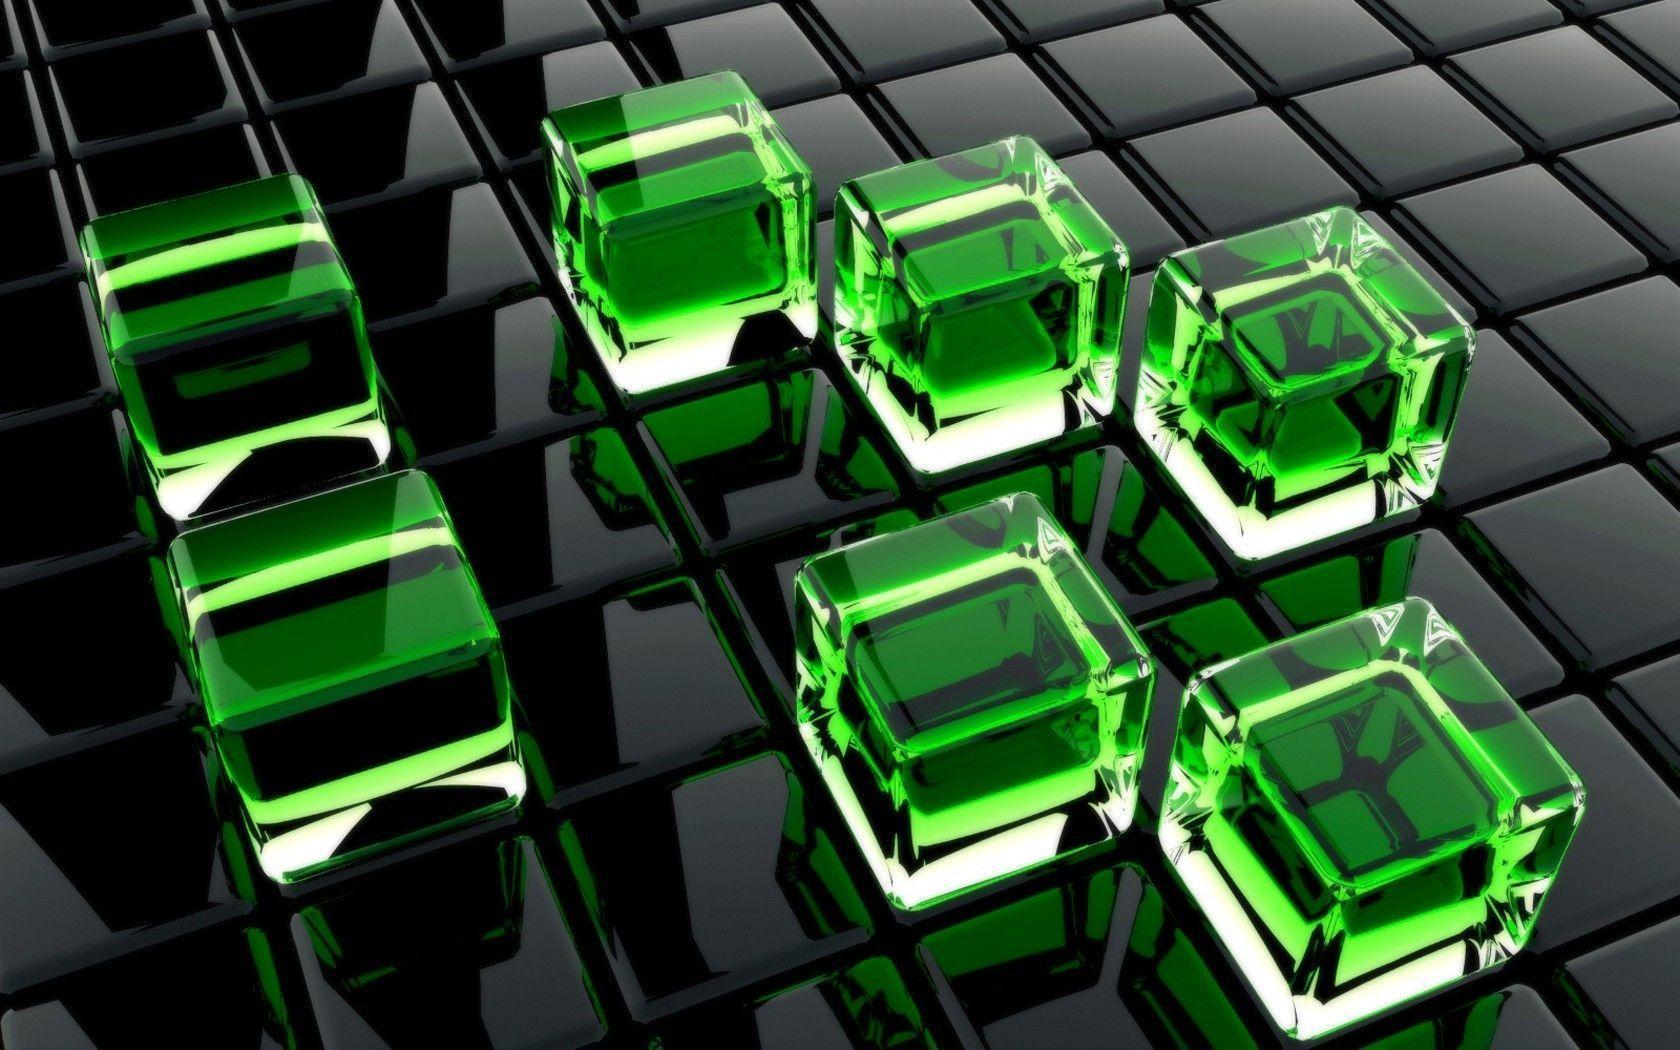 Green 3D Cubes